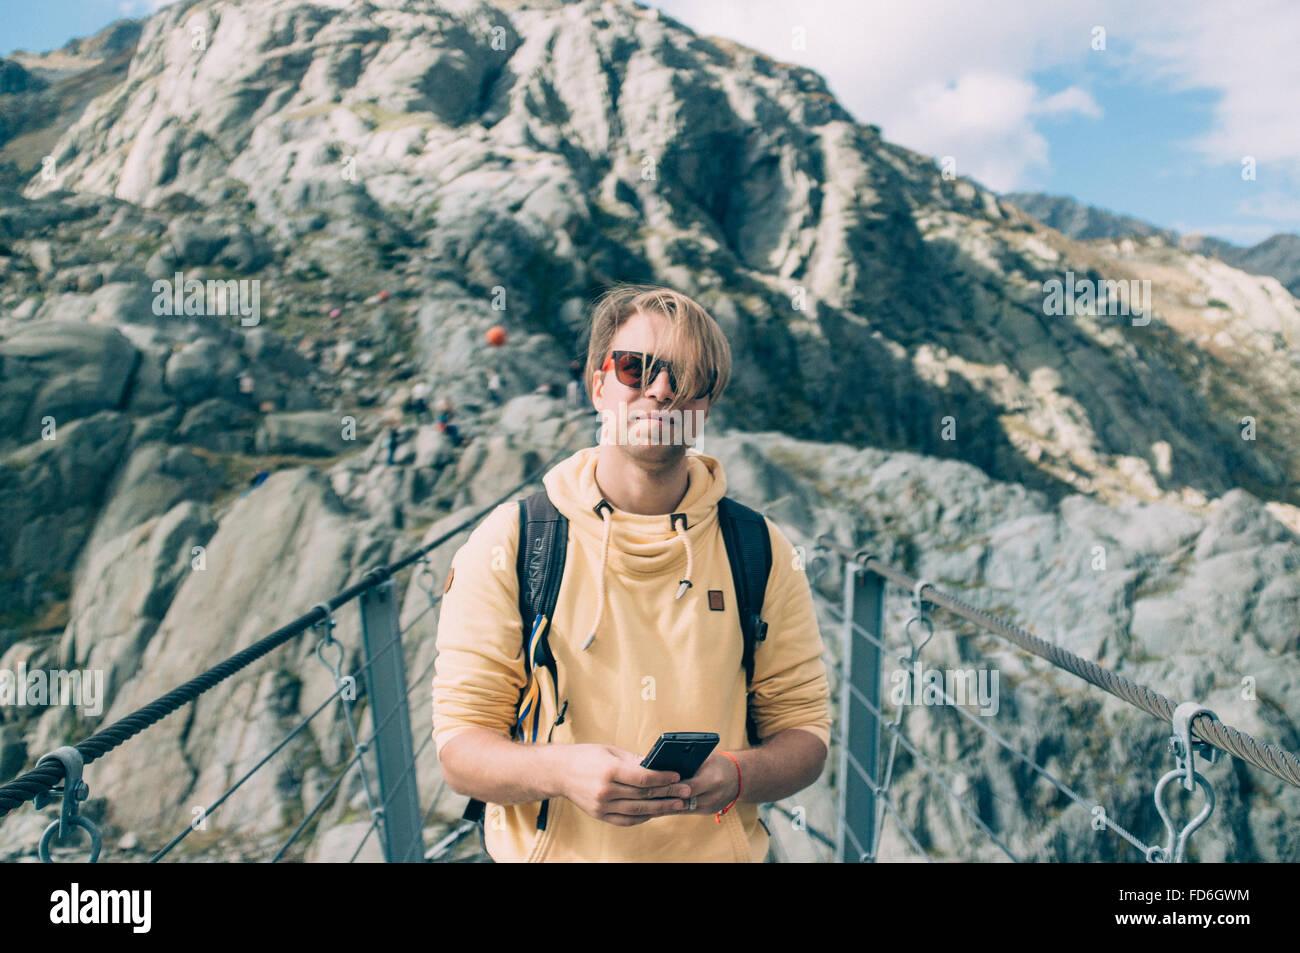 Junger Mann mit Smartphone auf hängende Brücke Stockbild